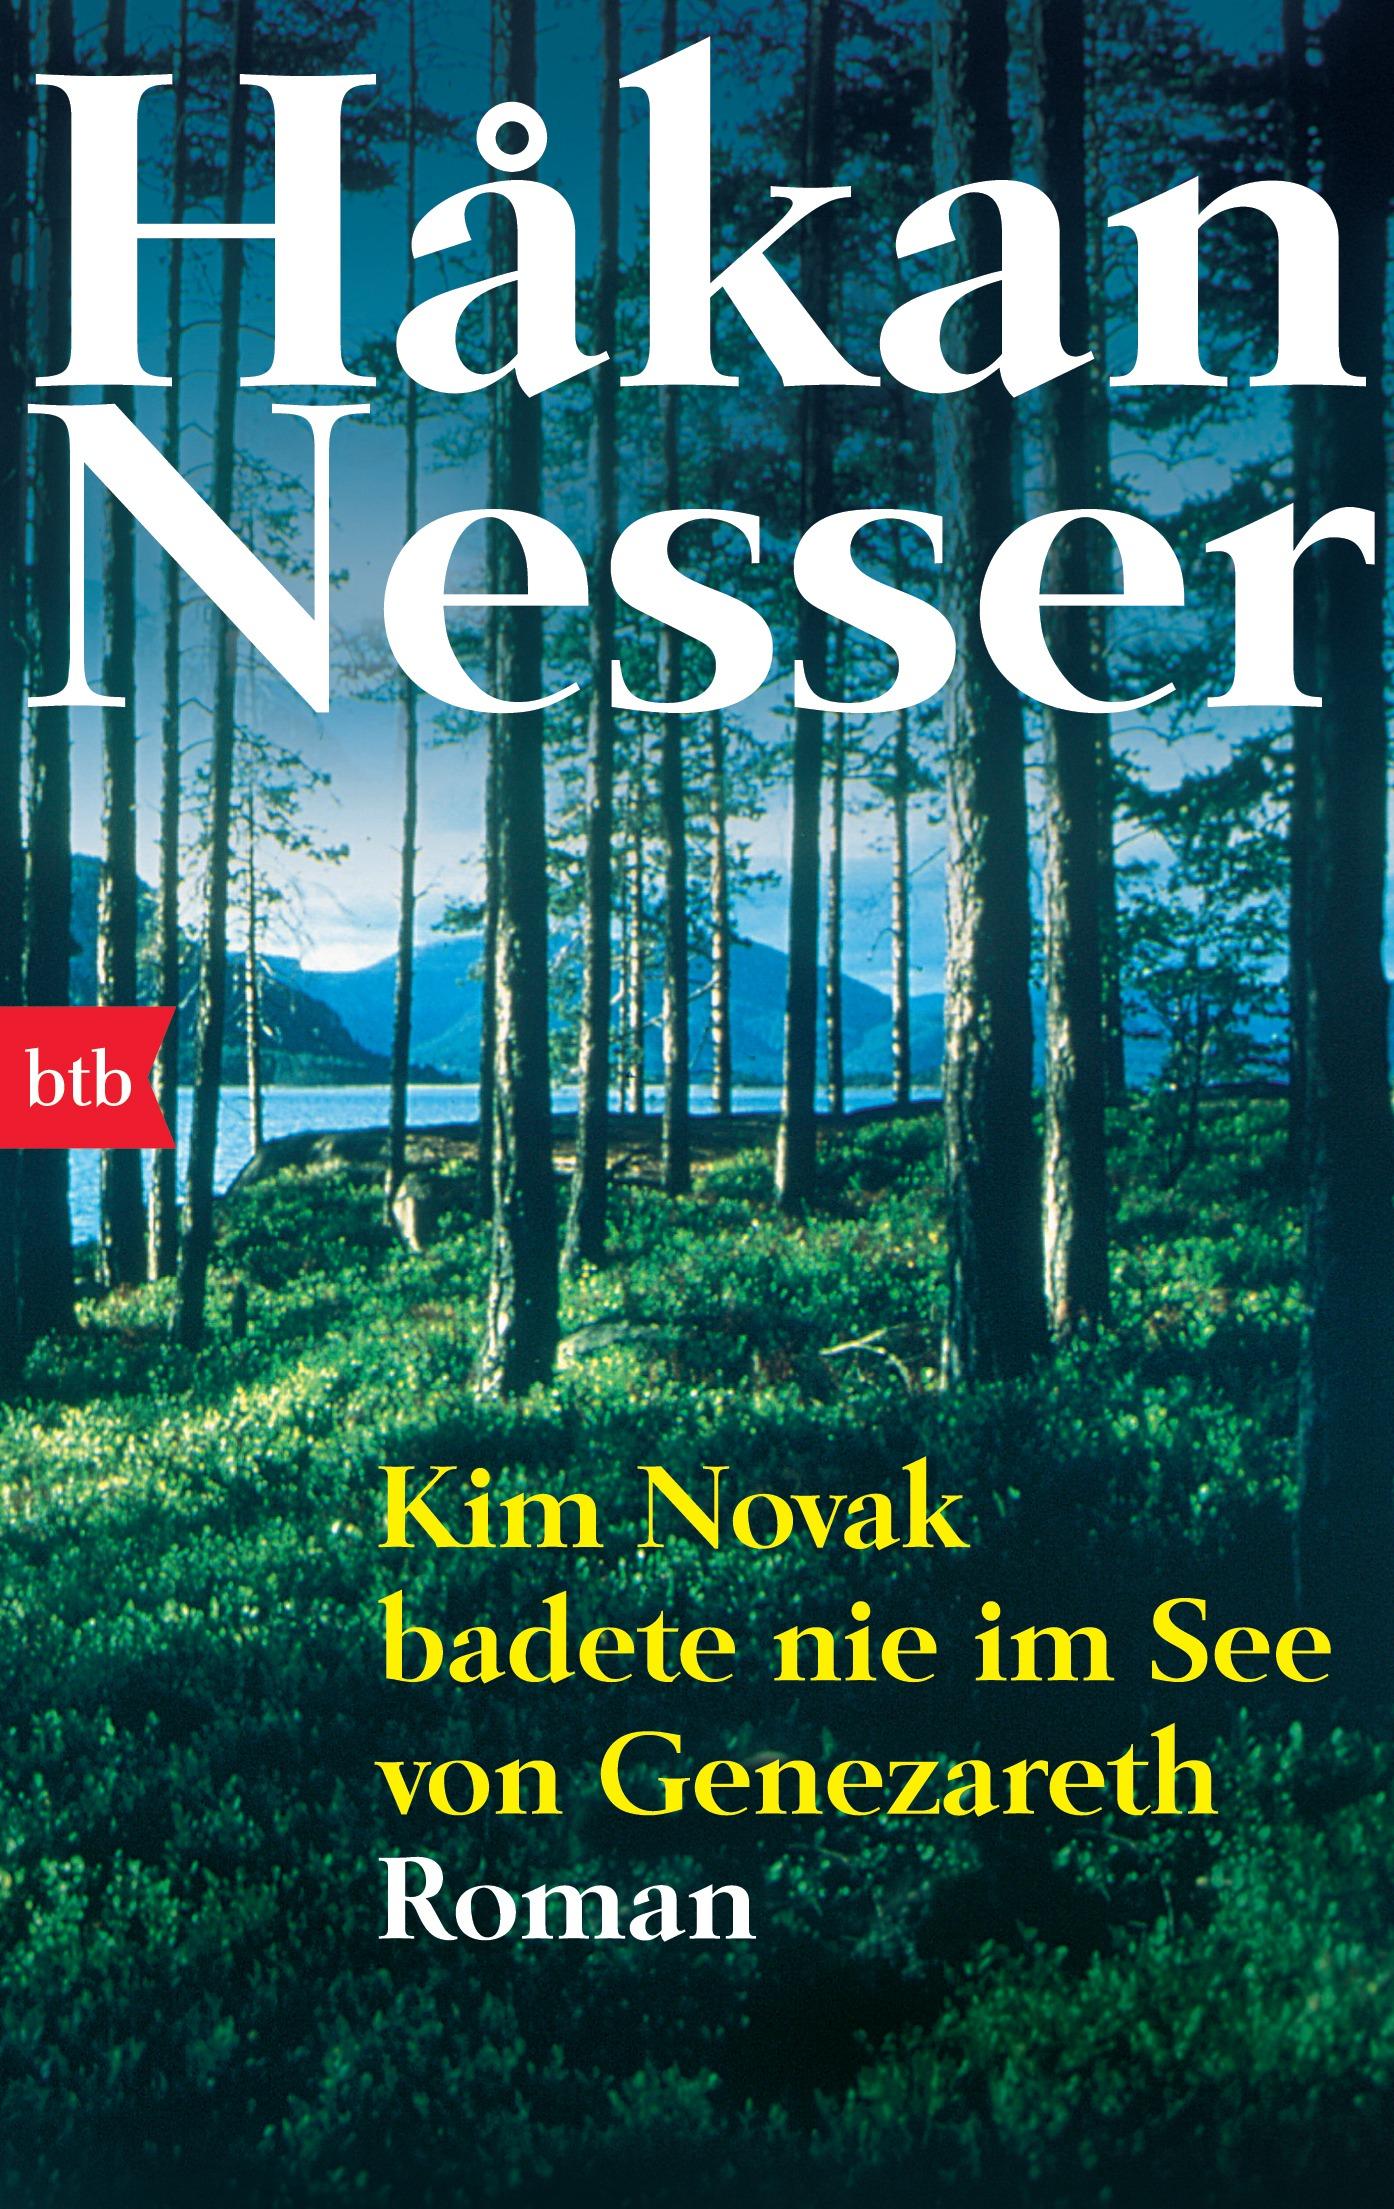 Kim Novak badete nie im See von Genezareth - Håkan Nesser